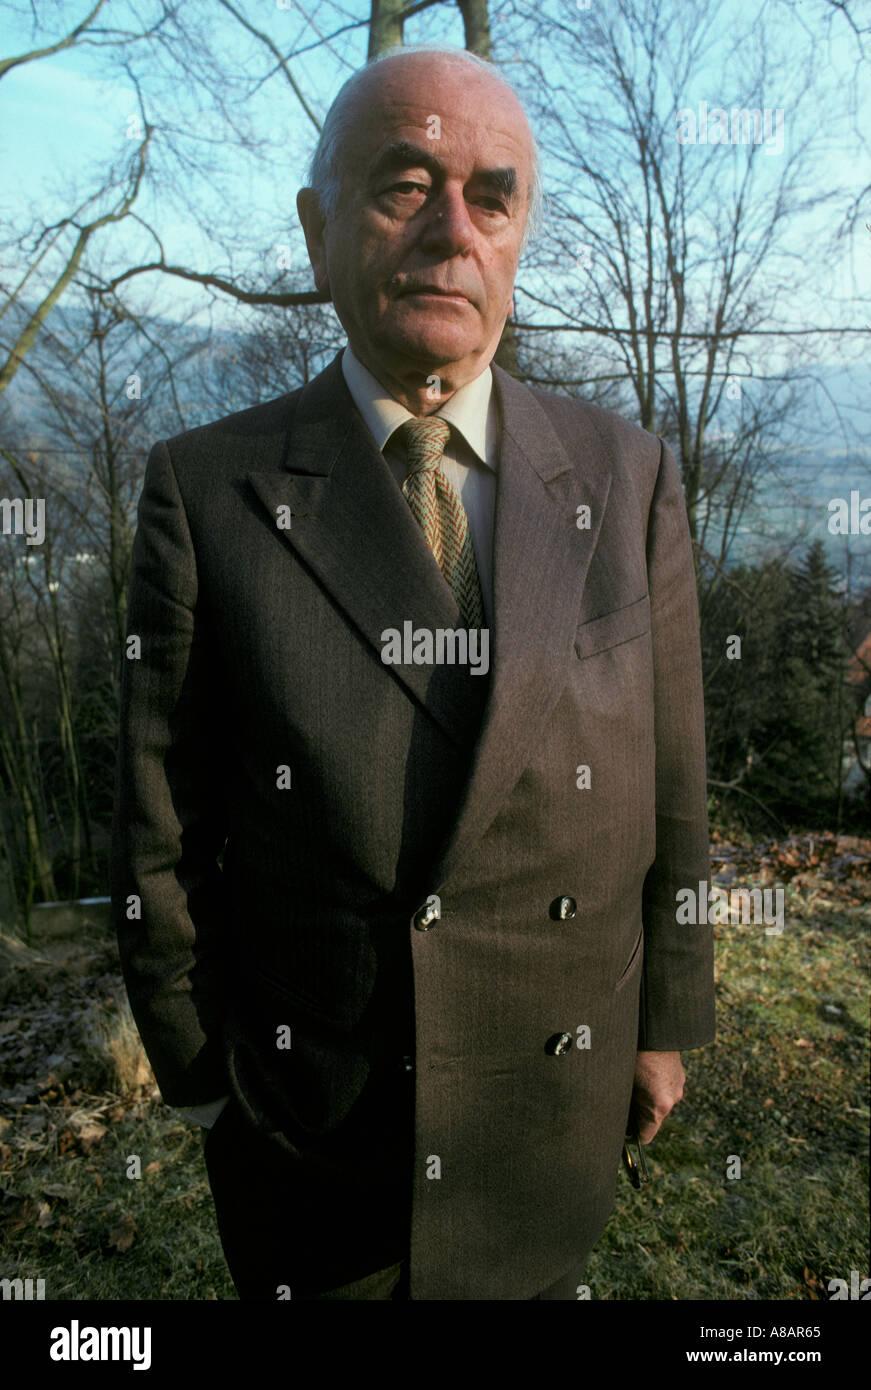 Albert Speer Hitler's architect 1979 - Stock Image